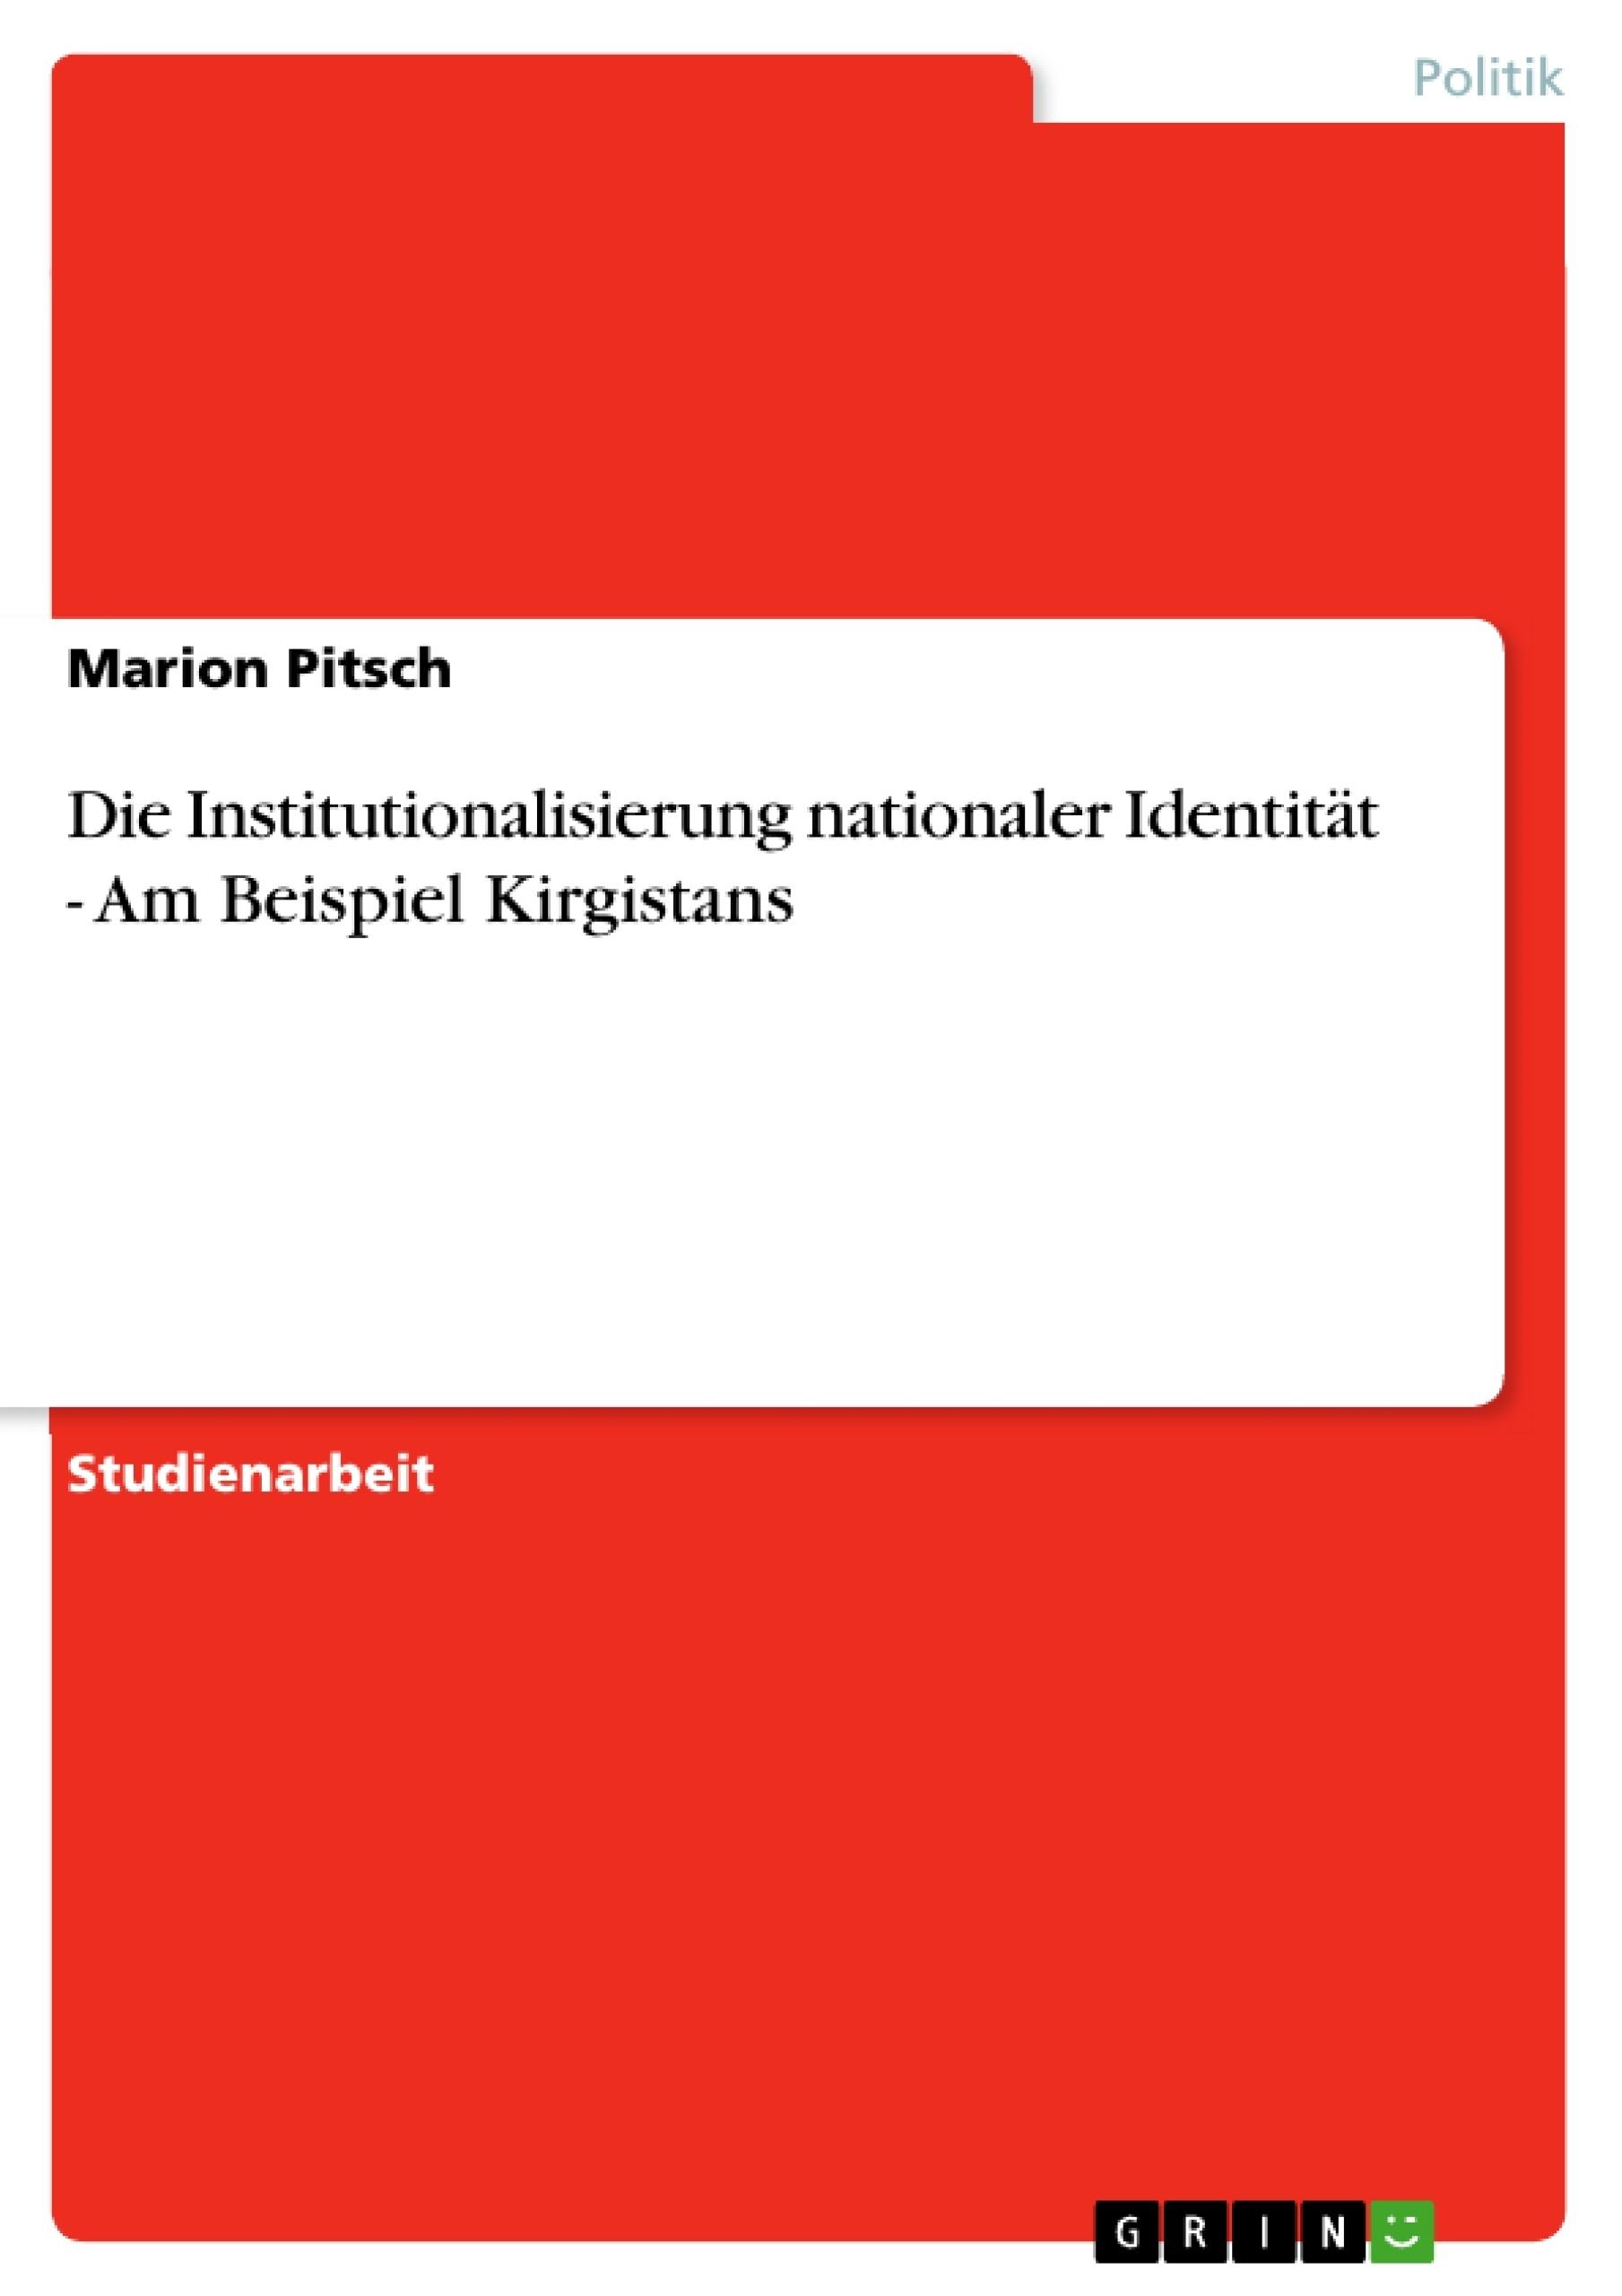 Titel: Die Institutionalisierung nationaler Identität - Am Beispiel Kirgistans